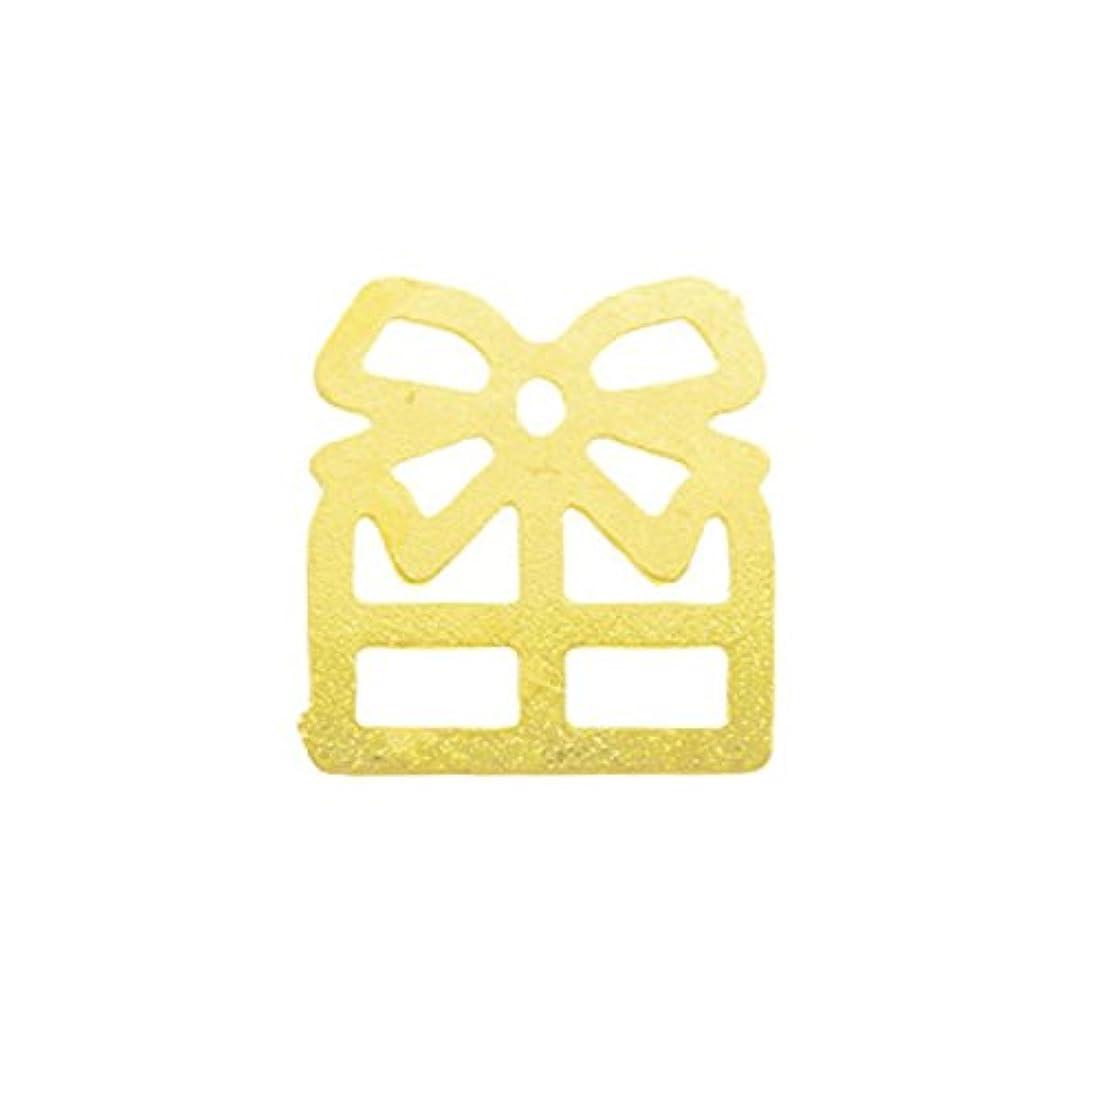 浪費静かに規模メタルプレート(ネイルストーン デコ) プレゼント ゴールド (30個入り)(ネイル用品)